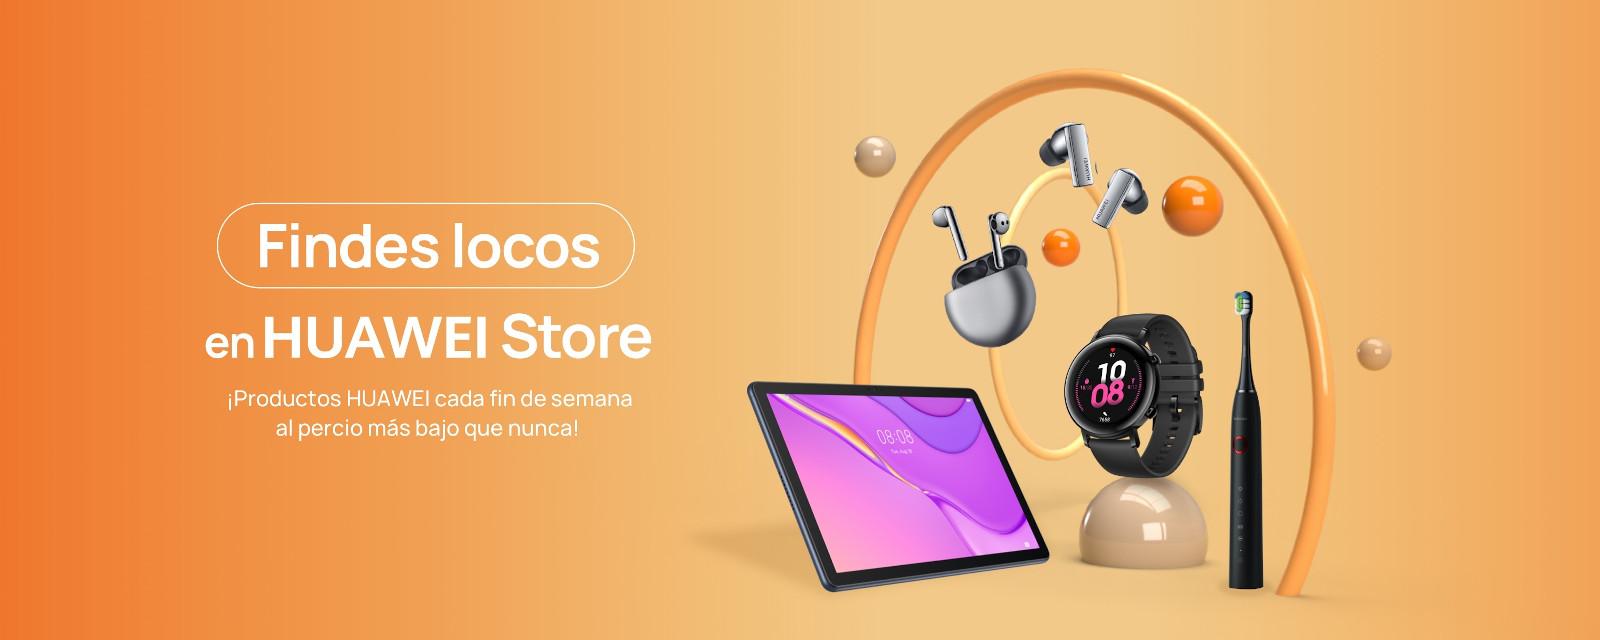 mejores-ofertas-findes-locos-de-la-huawei-store-13-agosto